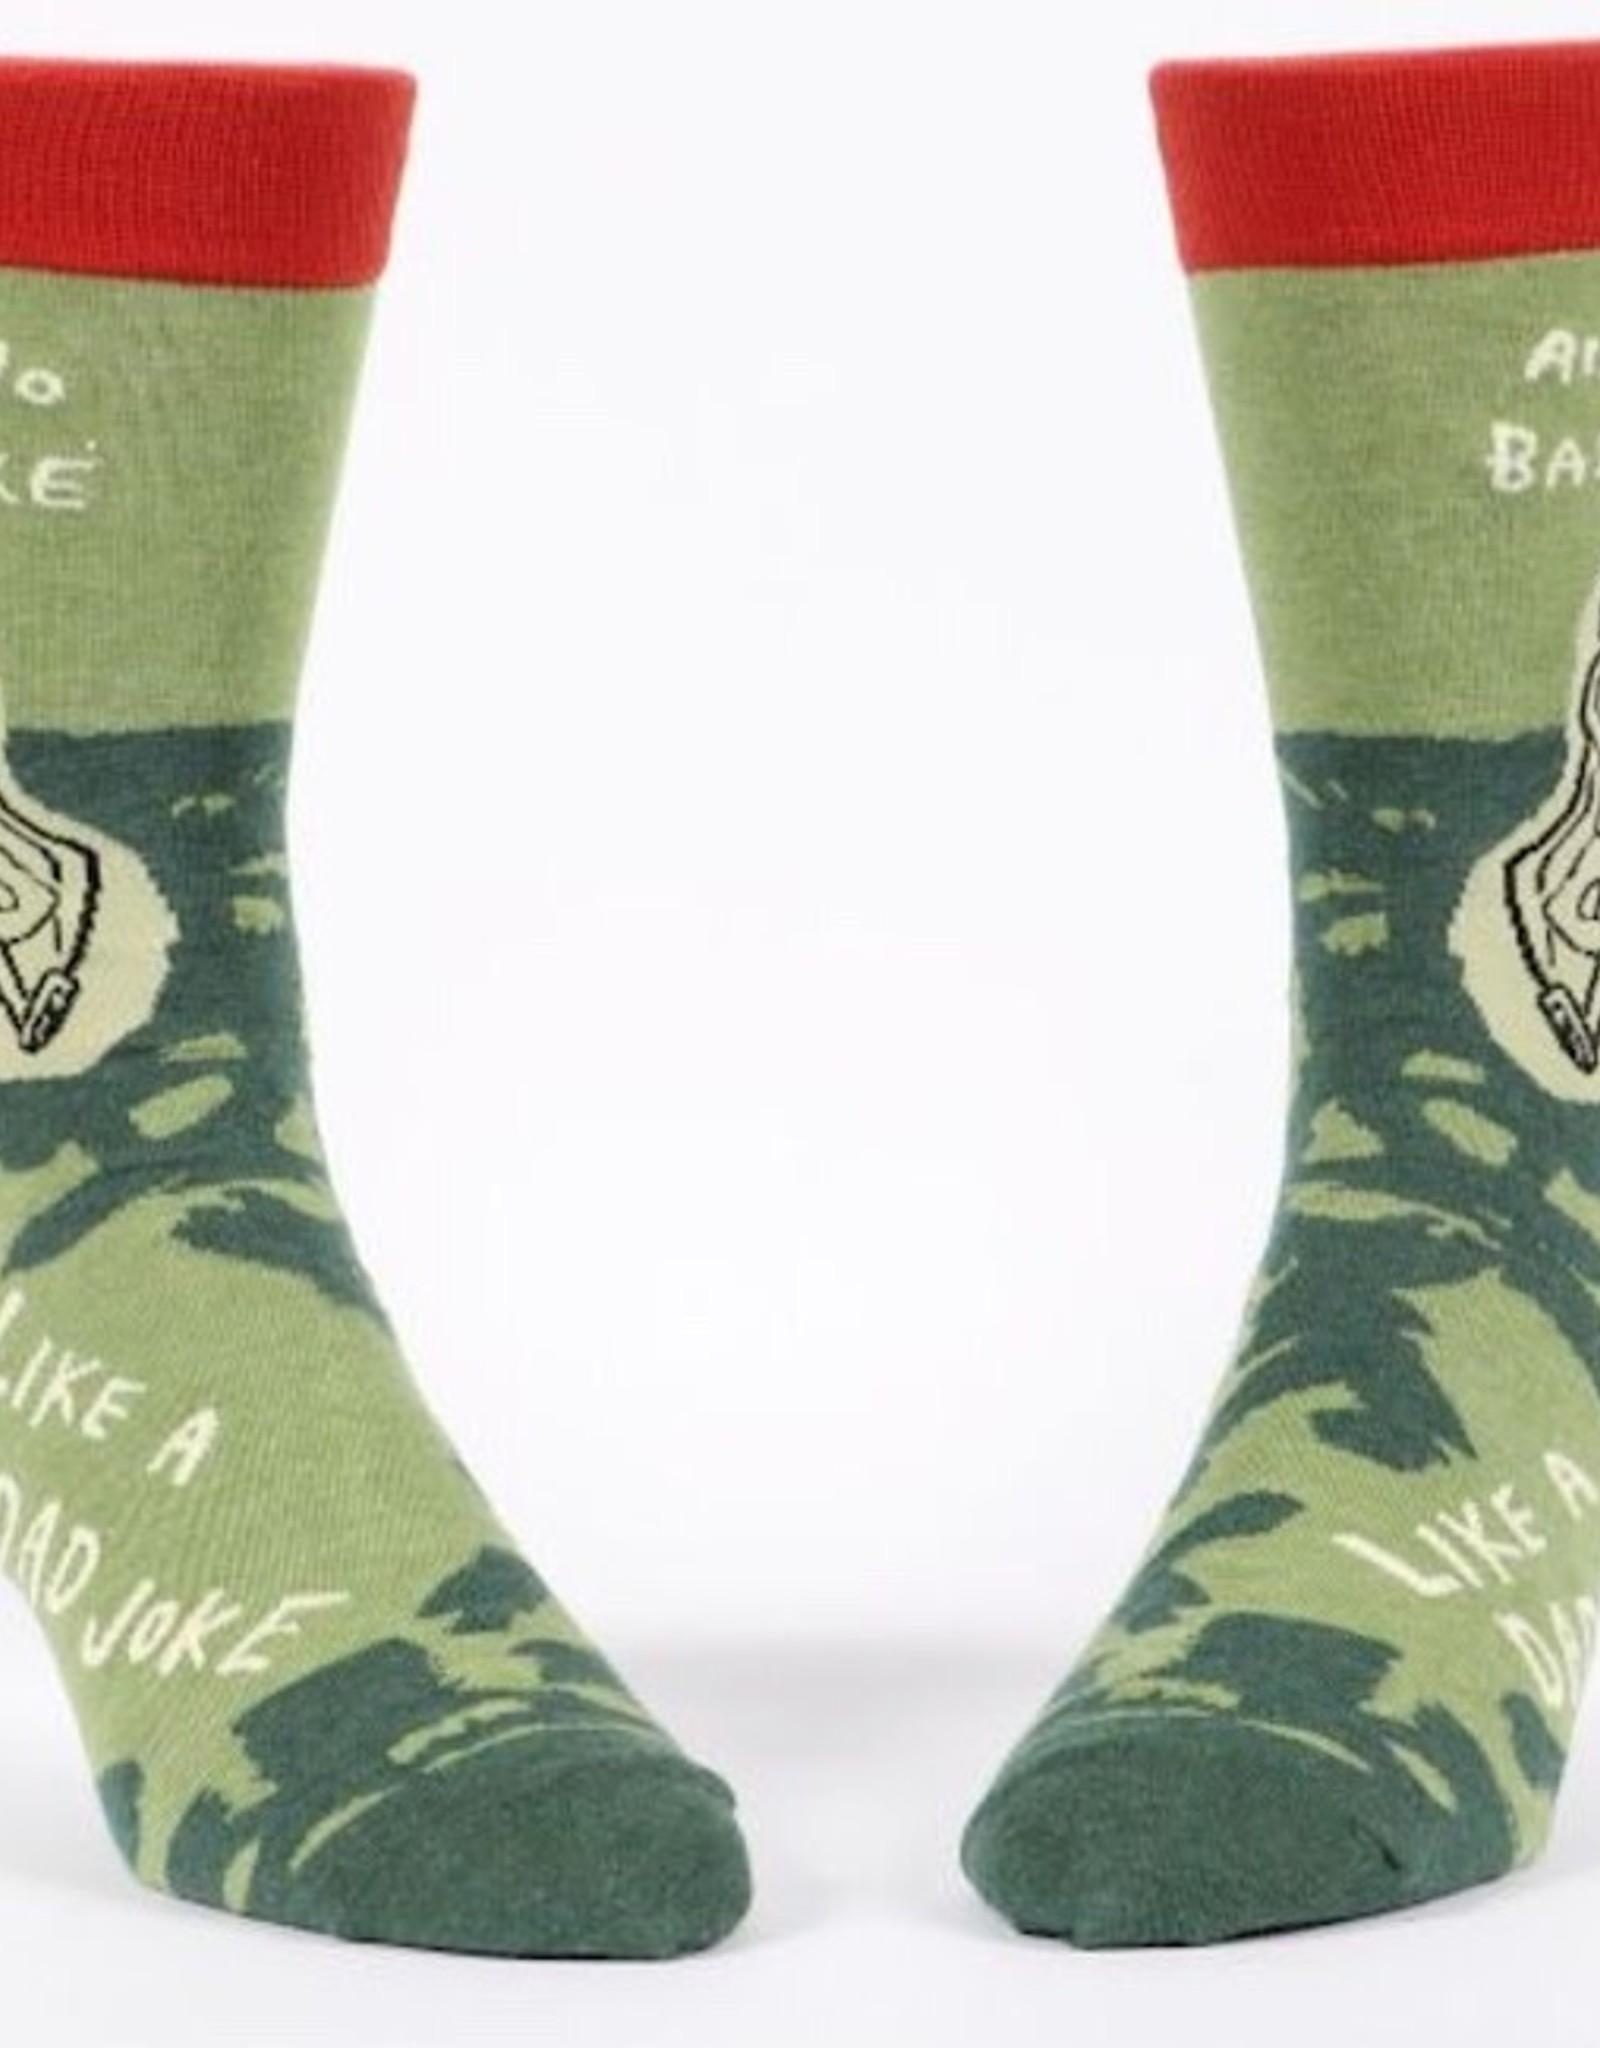 Socks (Mens)  - Ain't No Bad Joke, Like A Dad Joke